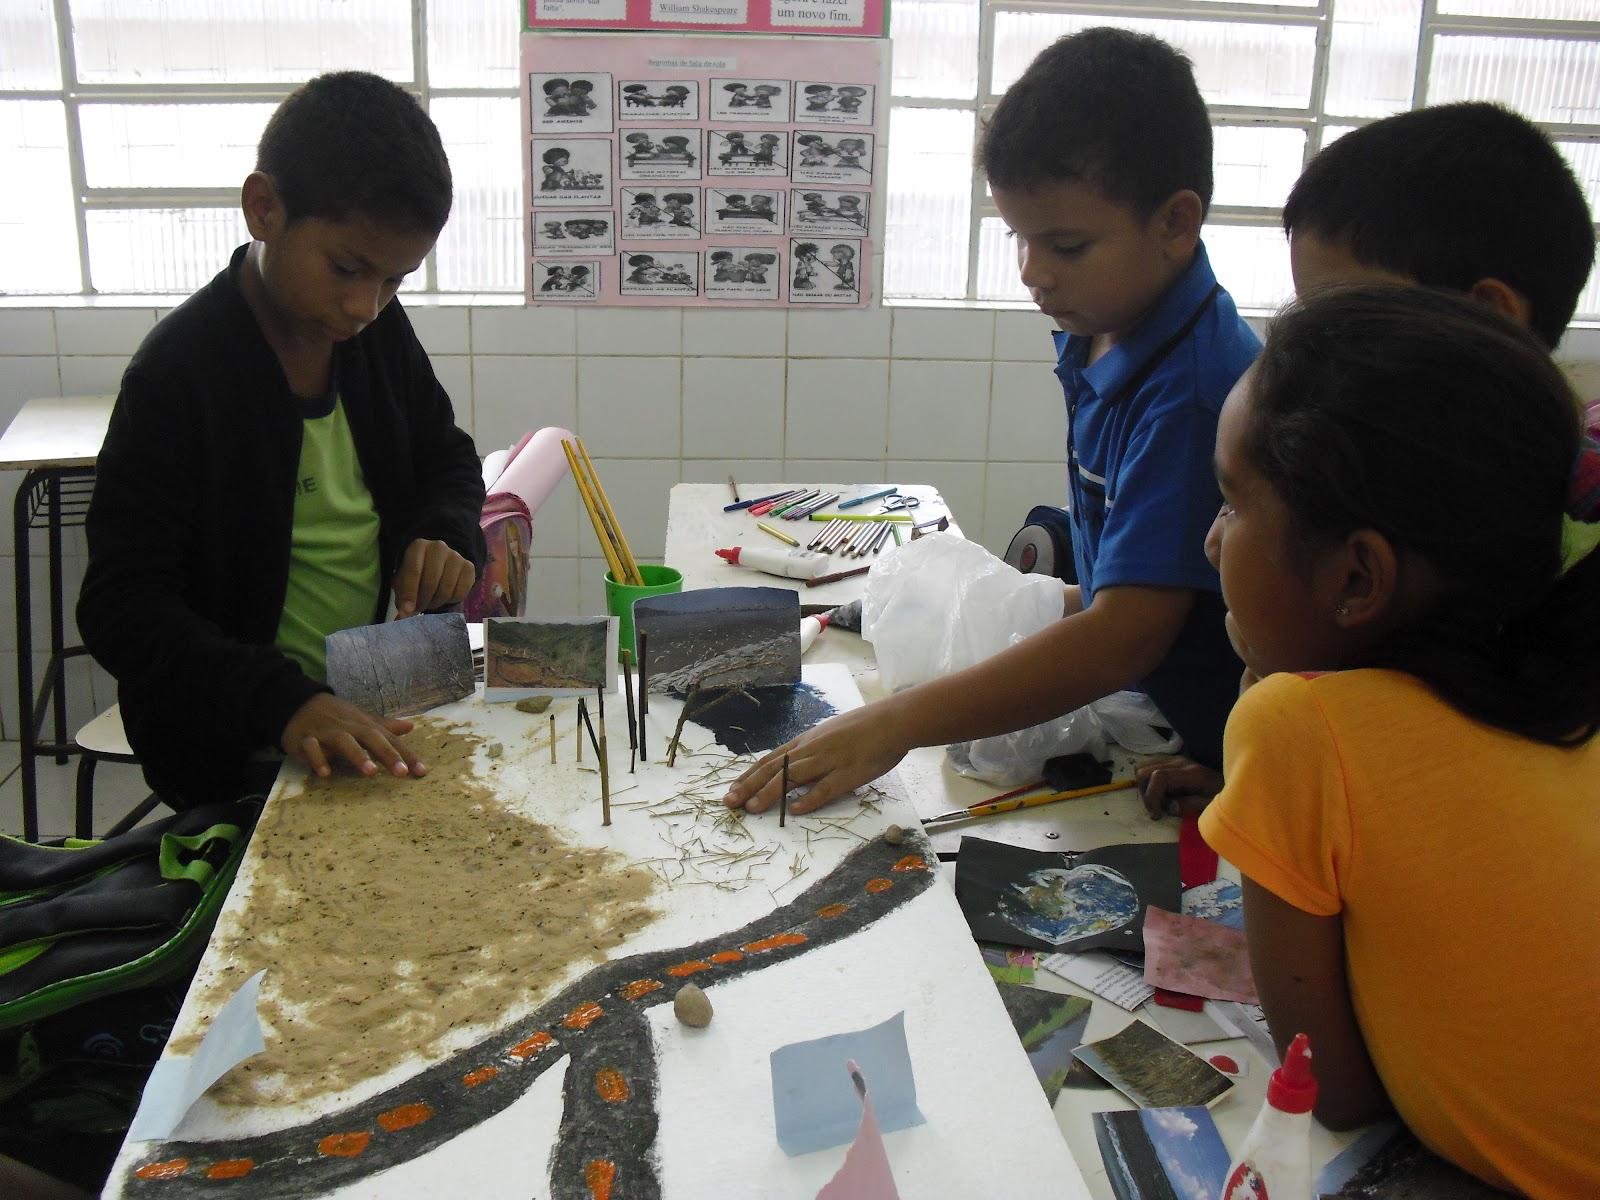 #794315 Escola Experimental de Educação Integral Rachid Bardauil 1600x1200 px Projeto Cozinha Experimental Na Escola #2535 imagens